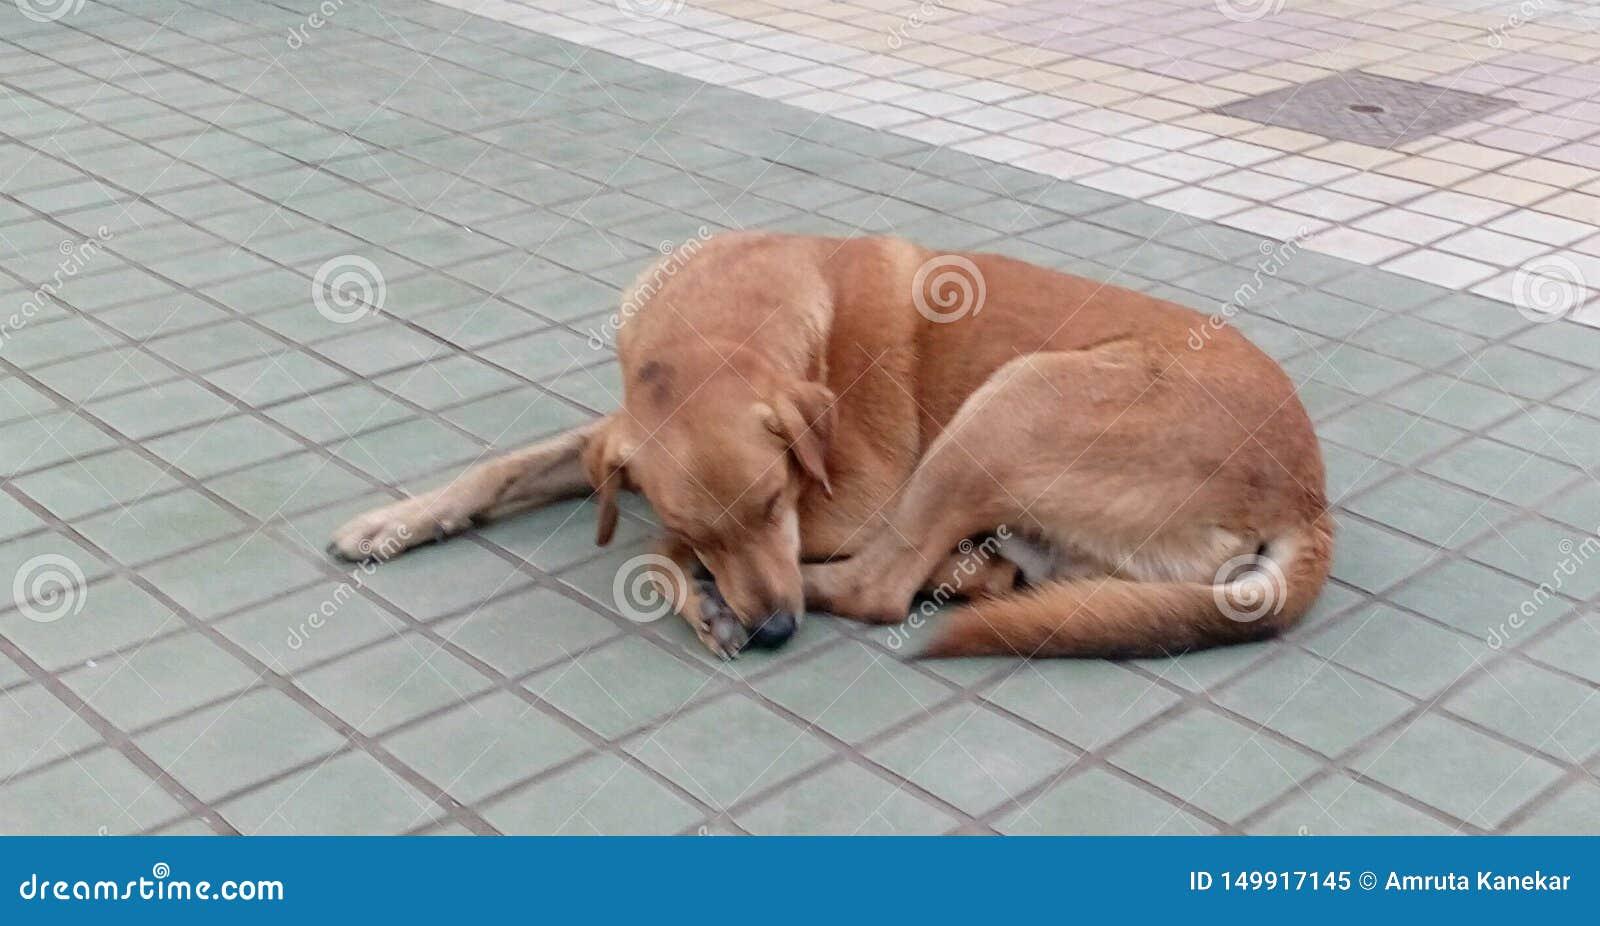 Stray Dog Sleeps Peacefully Stock Image - Image of india